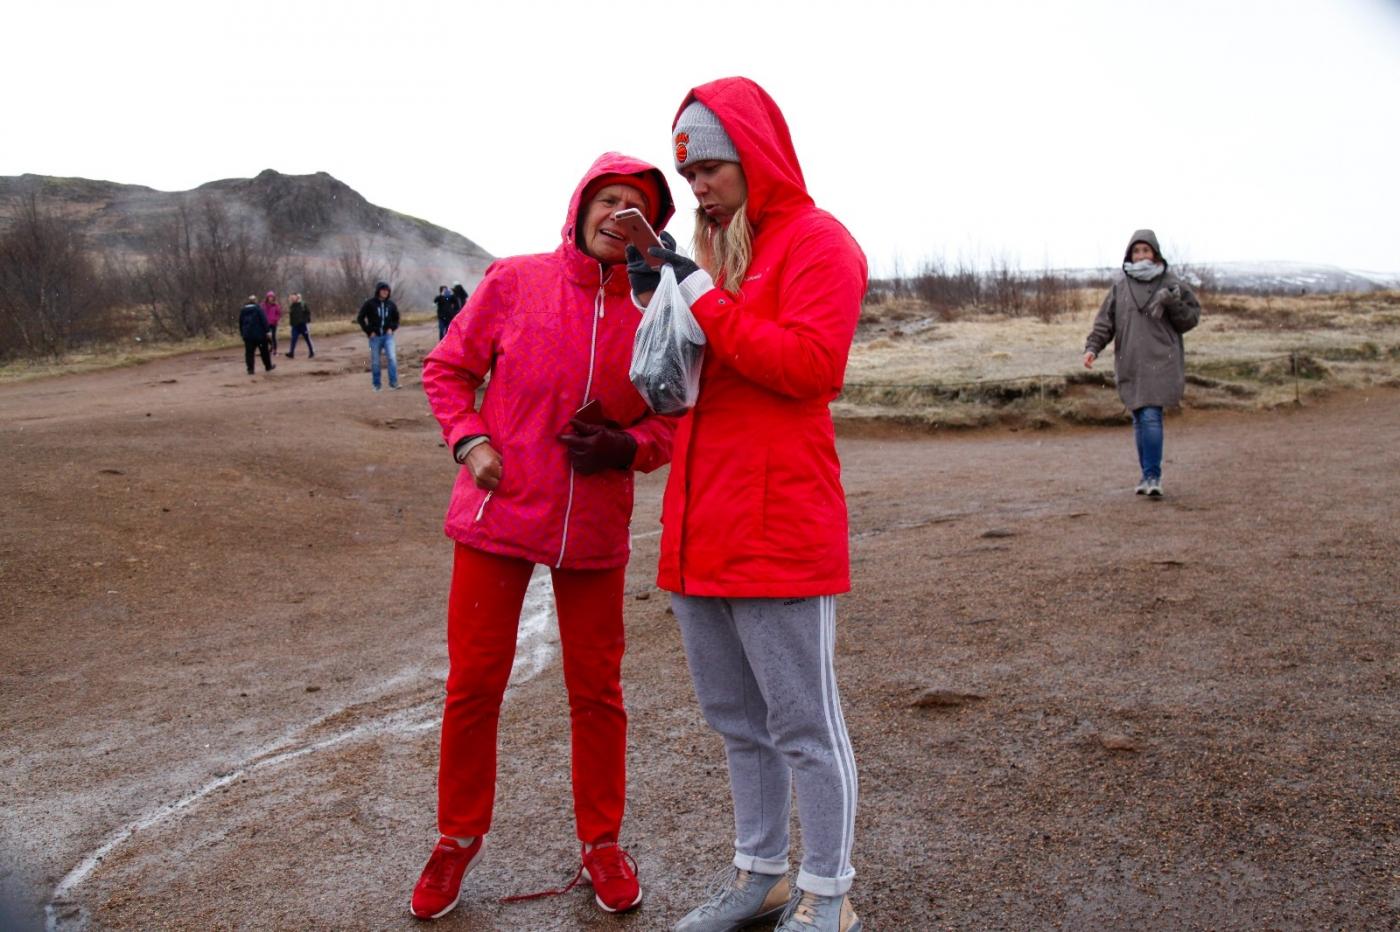 冰岛热带温泉美景,游客流连忘返_图1-18